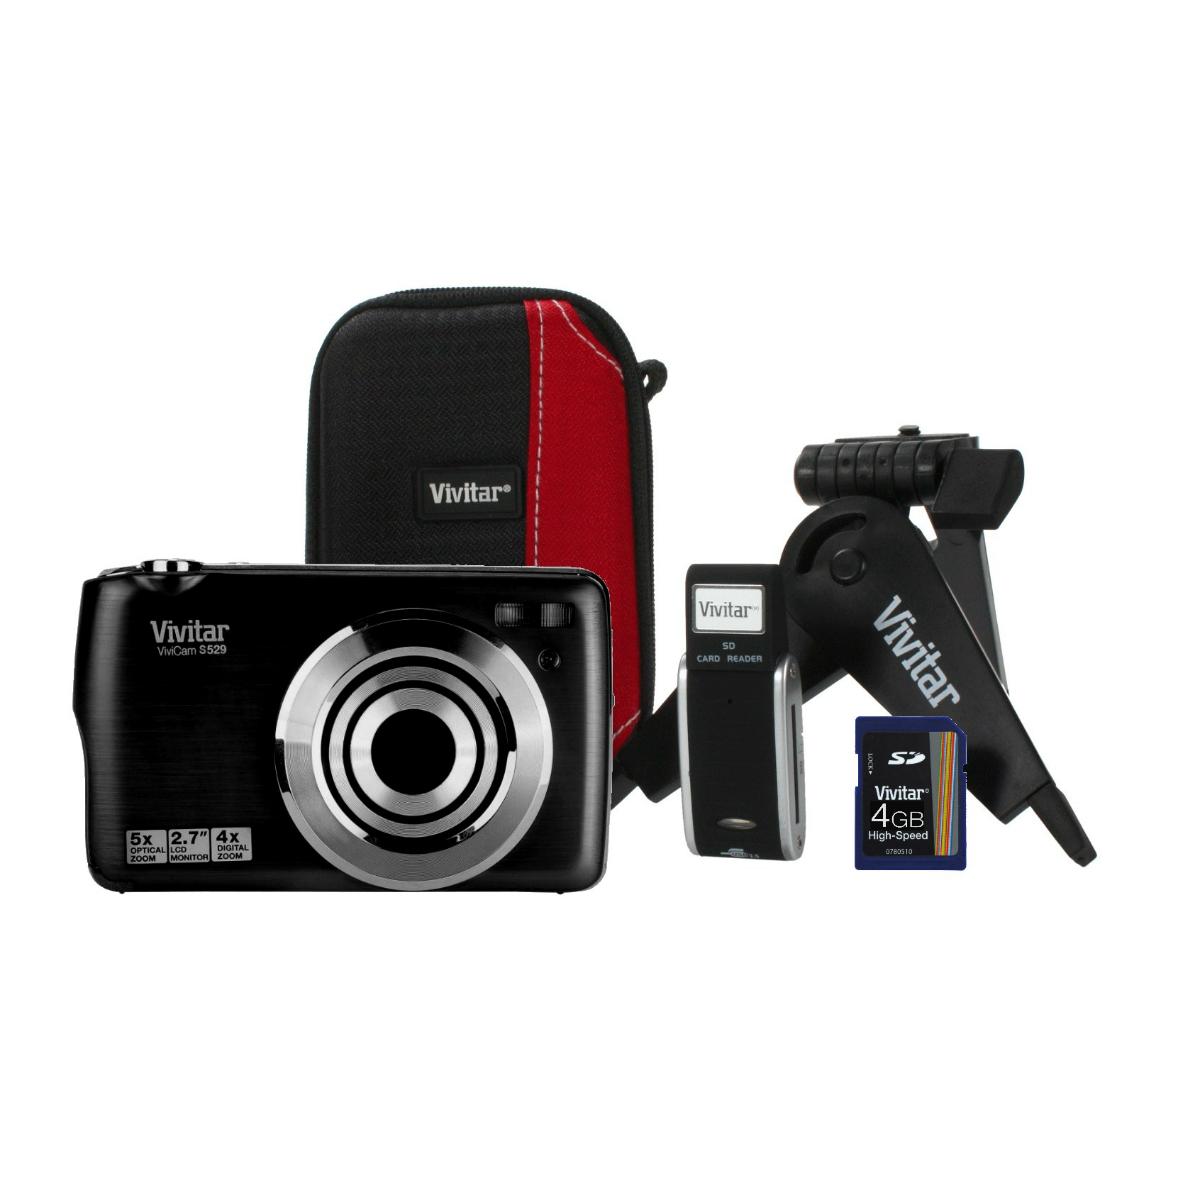 Vivitar vivicam s529 kit noir appareil photo num rique for Miroir projector 720p